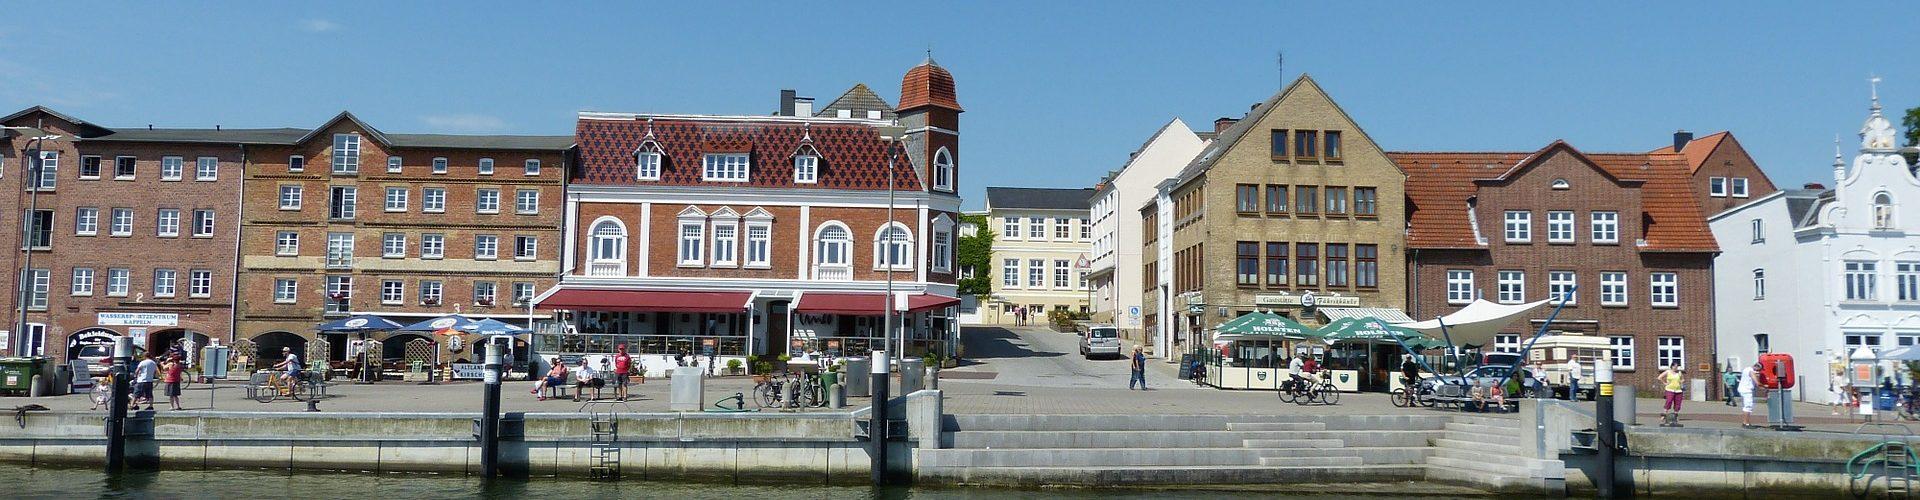 Kappeln Hafen